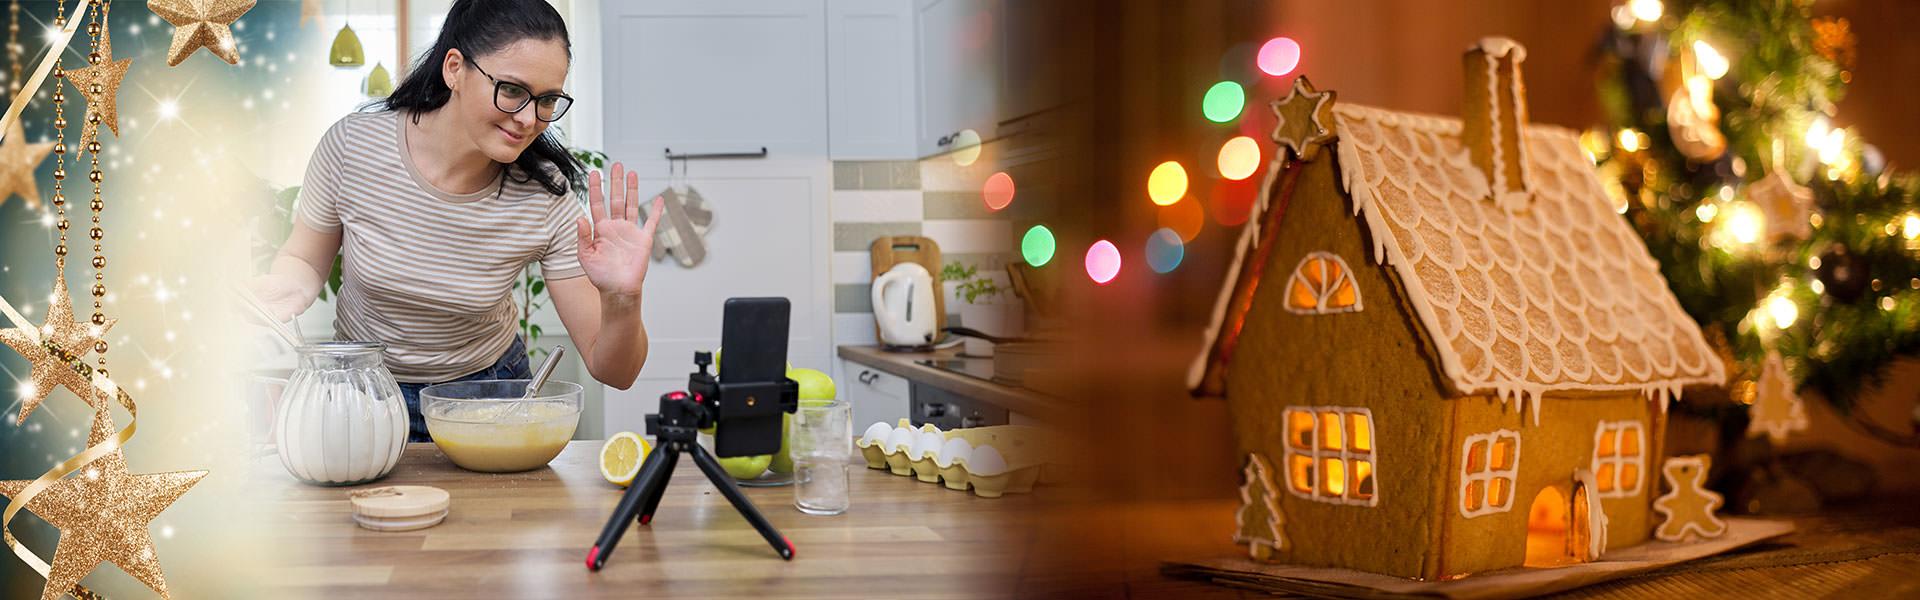 Online Back Kurs - Weihnachtsfeier virtuell mit der Weihnachtsbaeckerei von b-ceed